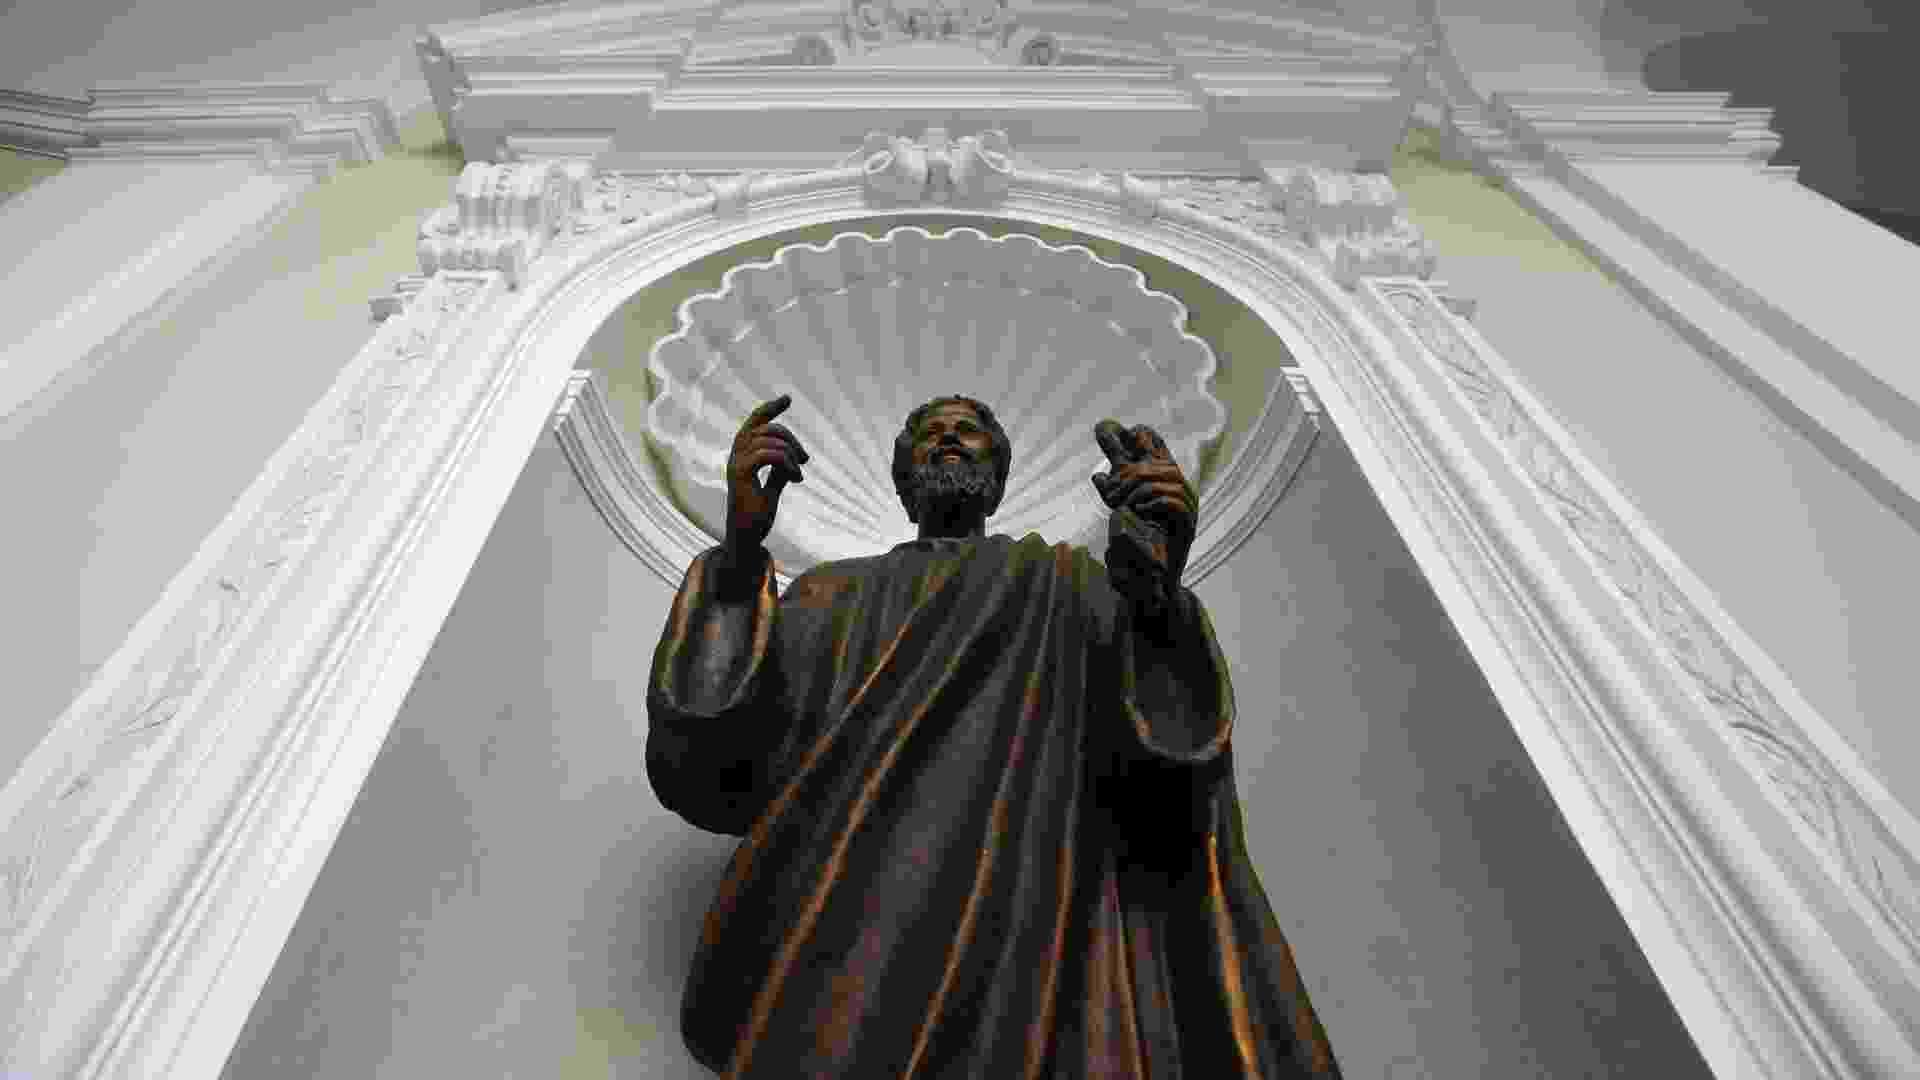 21.fev.2013 - Estátua de São Pedro no Castel Gandolfo, no sul de Roma, local onde o papa Bento 16 passará os dois primeiros meses após sua renúncia - Max Rossi/Reuters